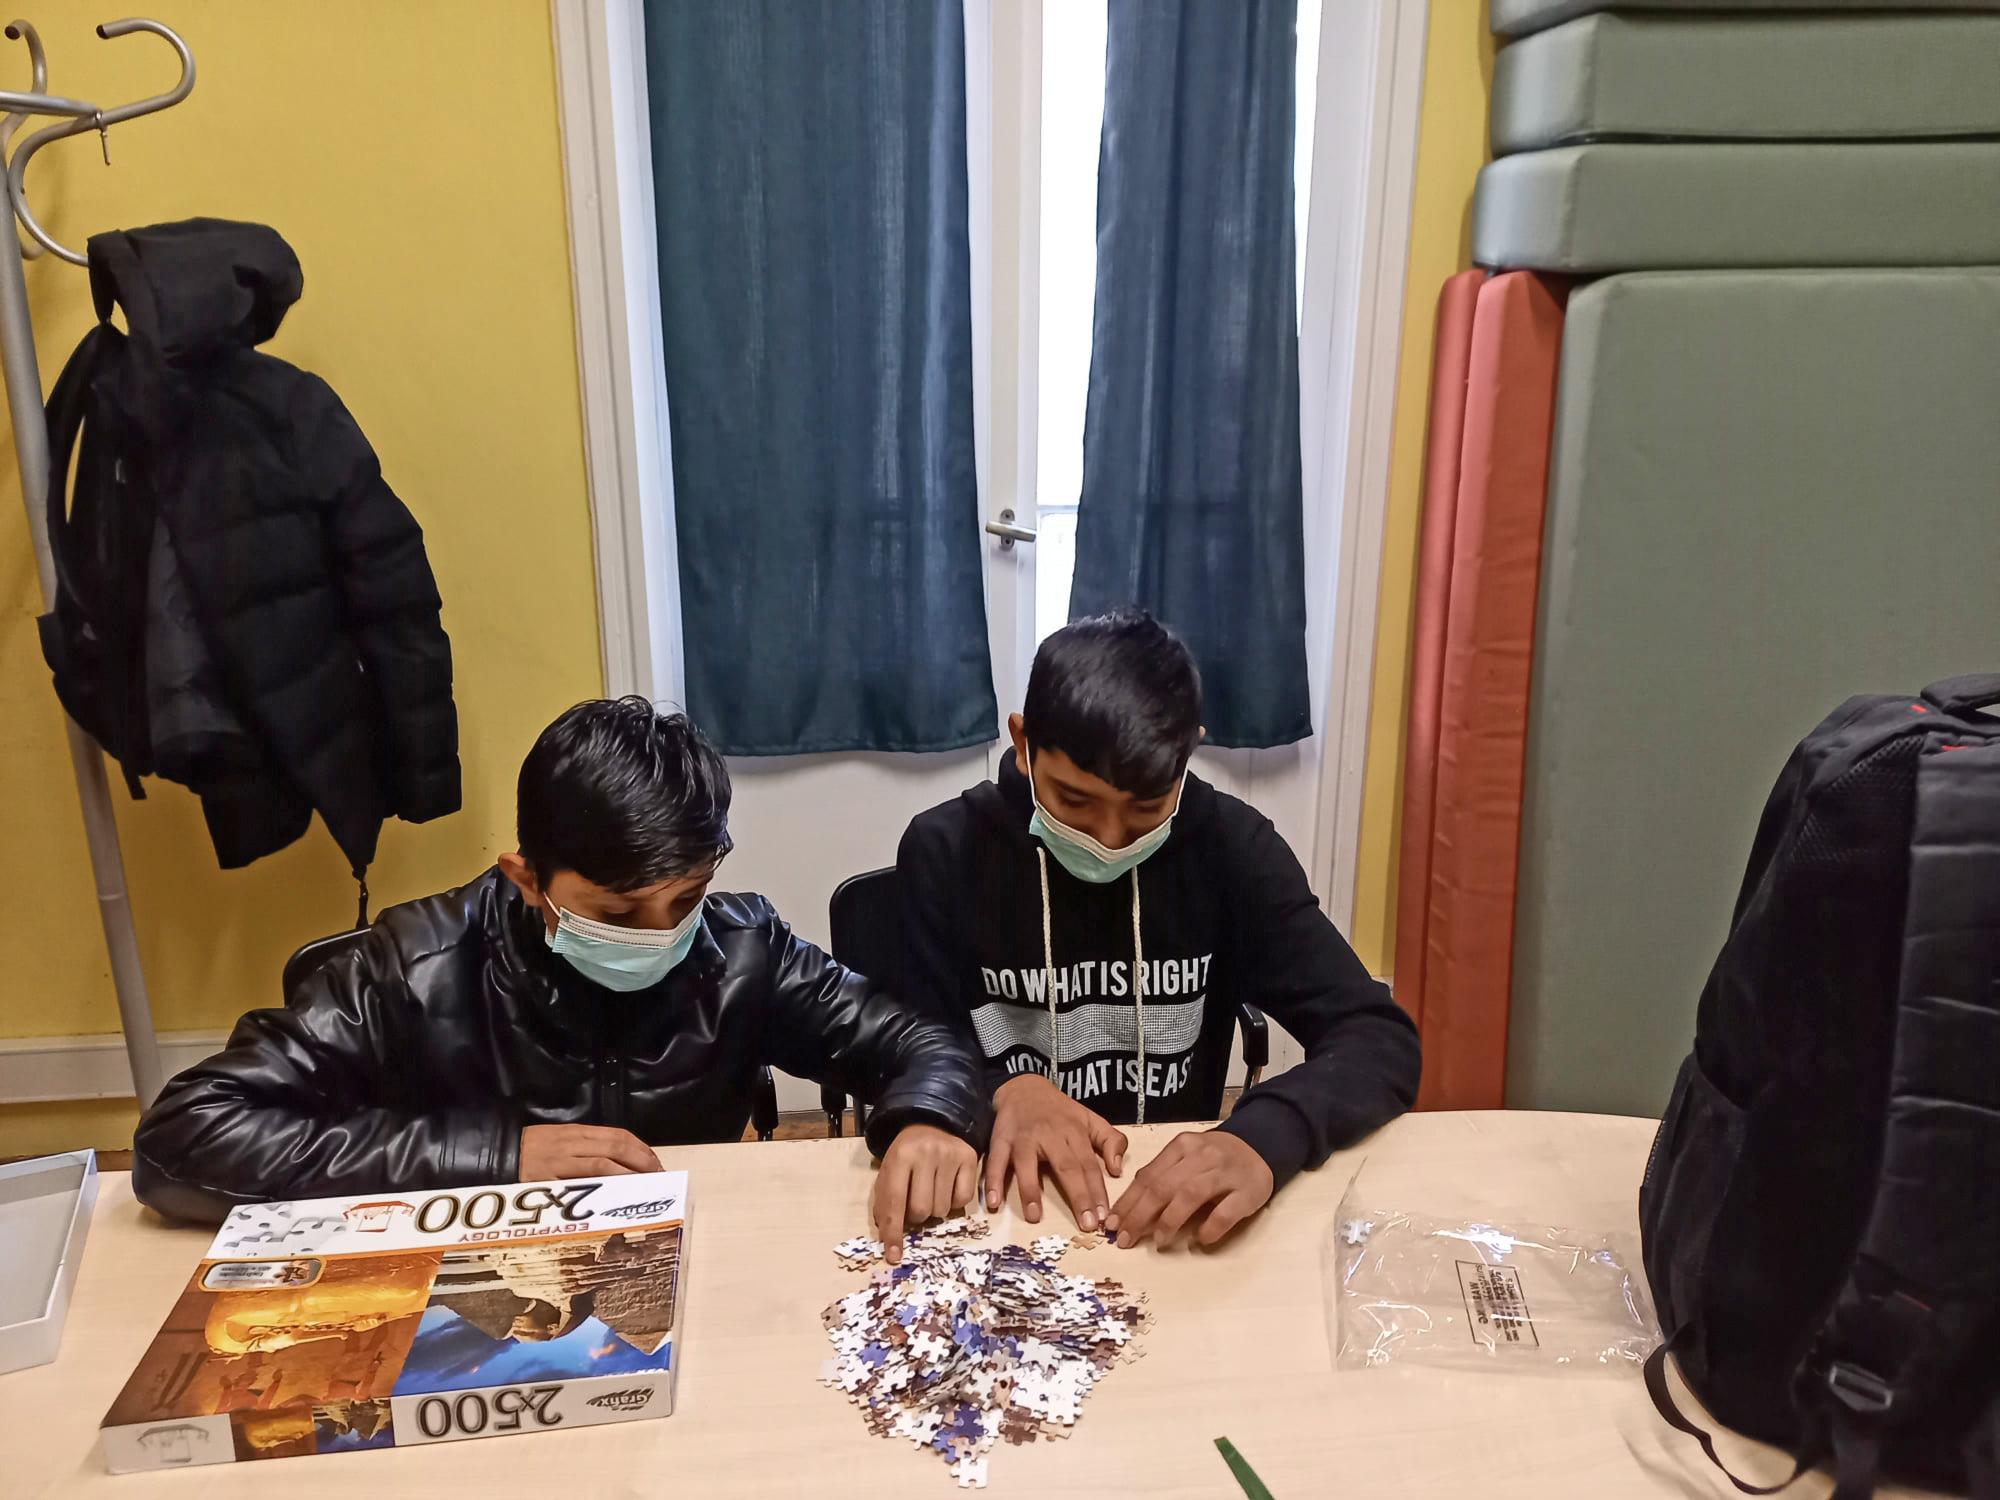 Θεσσαλονίκη: Η συγκλονιστική ιστορία πίσω από αυτή τη φωτογραφία με τα δύο ξαδέρφια – Άστεγα σε ένα παγωμένο δρόμο